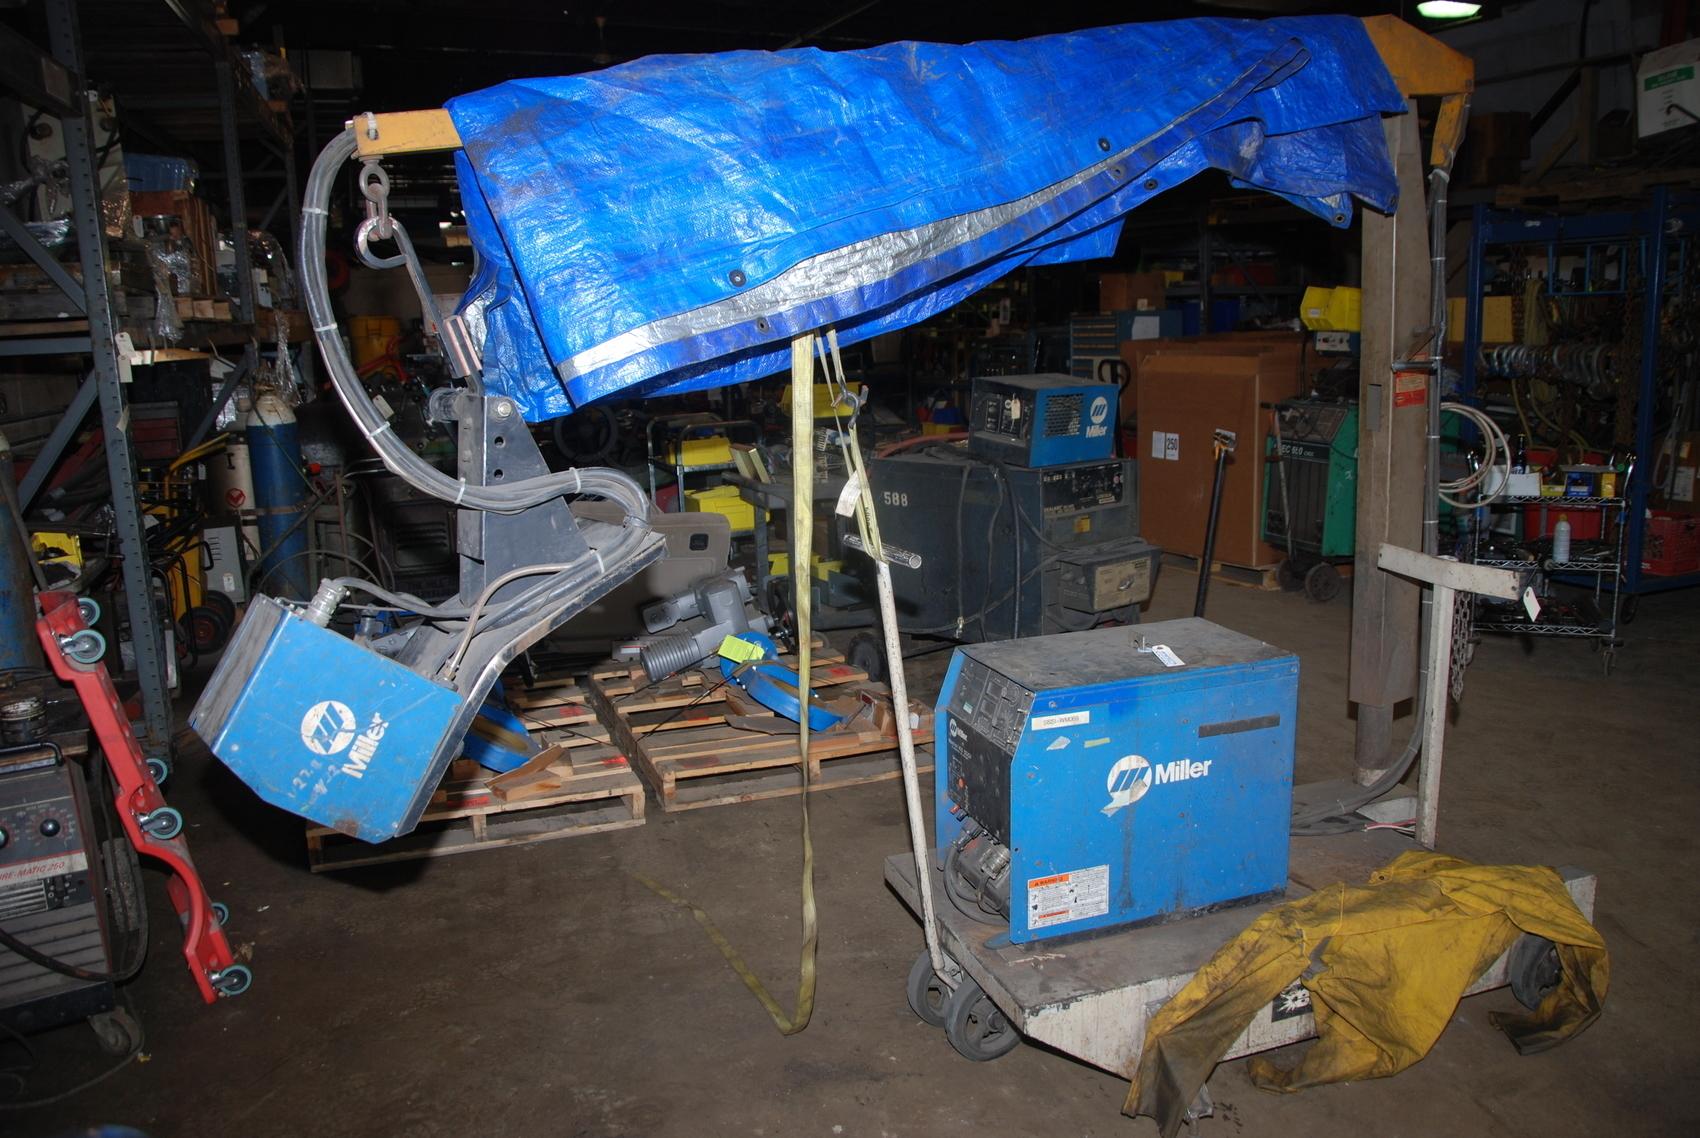 Miller Maxtron 450 Arc Welder w/S-64M Wire Feeder -- no welding cart